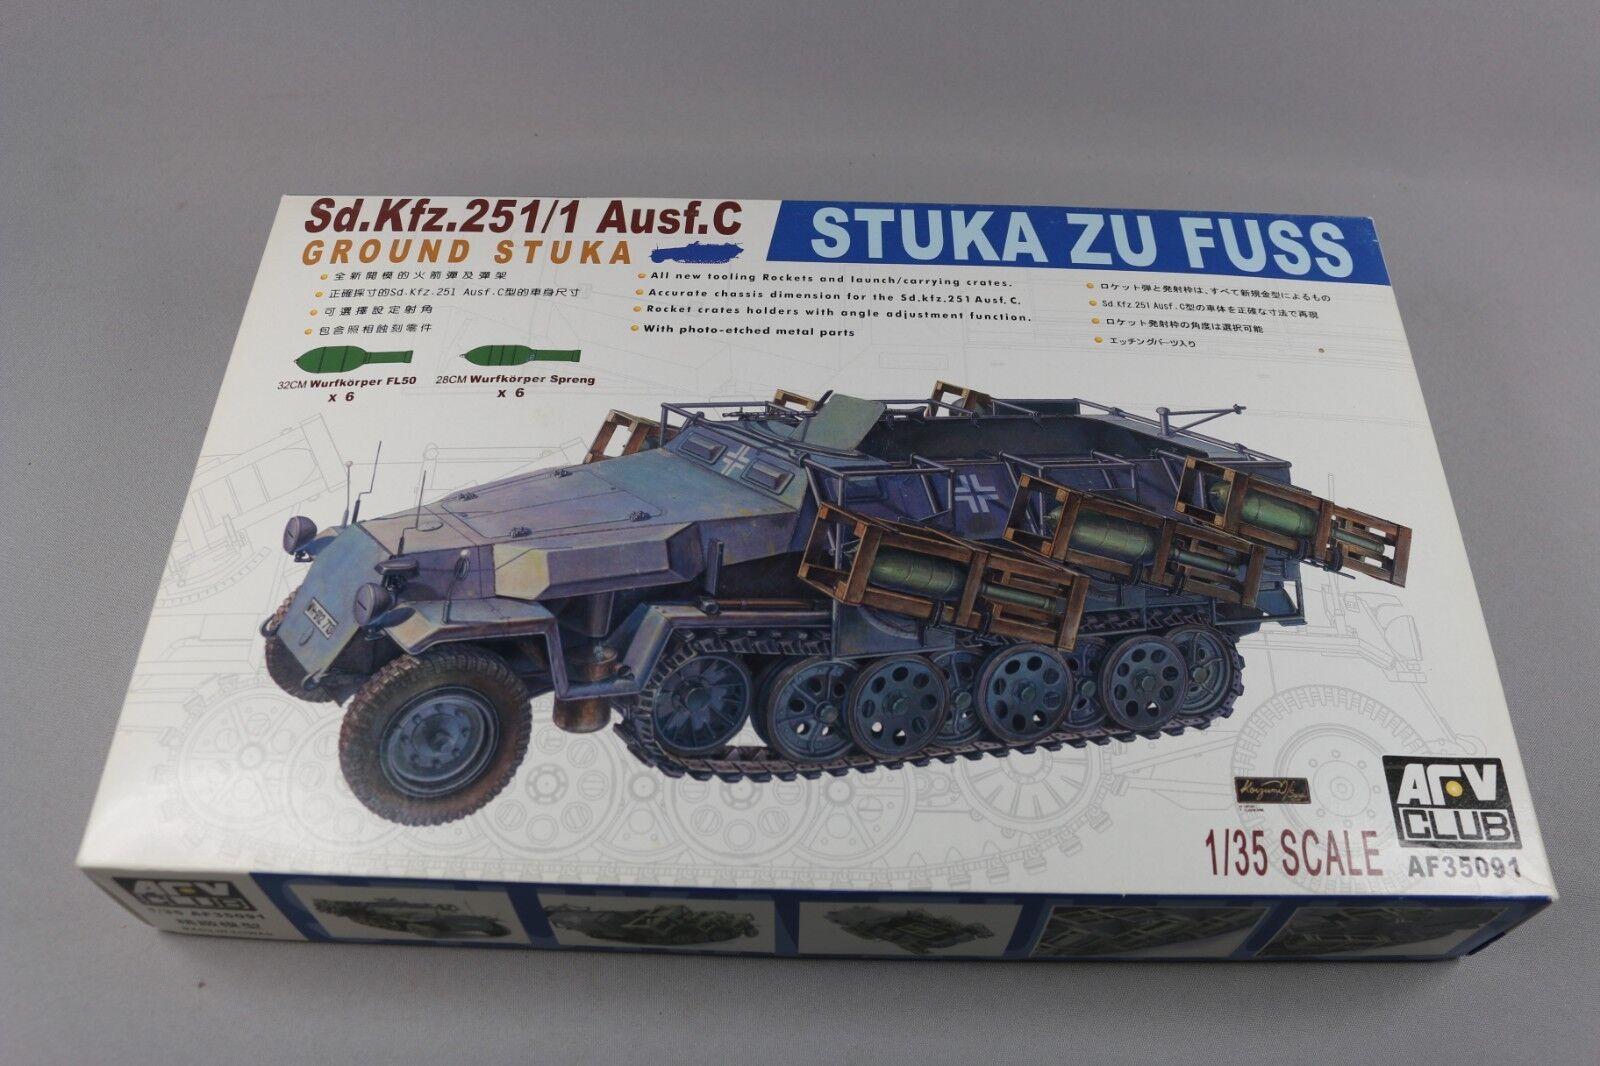 Zf1443 Arv Club 1 35 Model Military Af35091 Sdkfz 251 1 Ausf C Stuka Zu Fuss